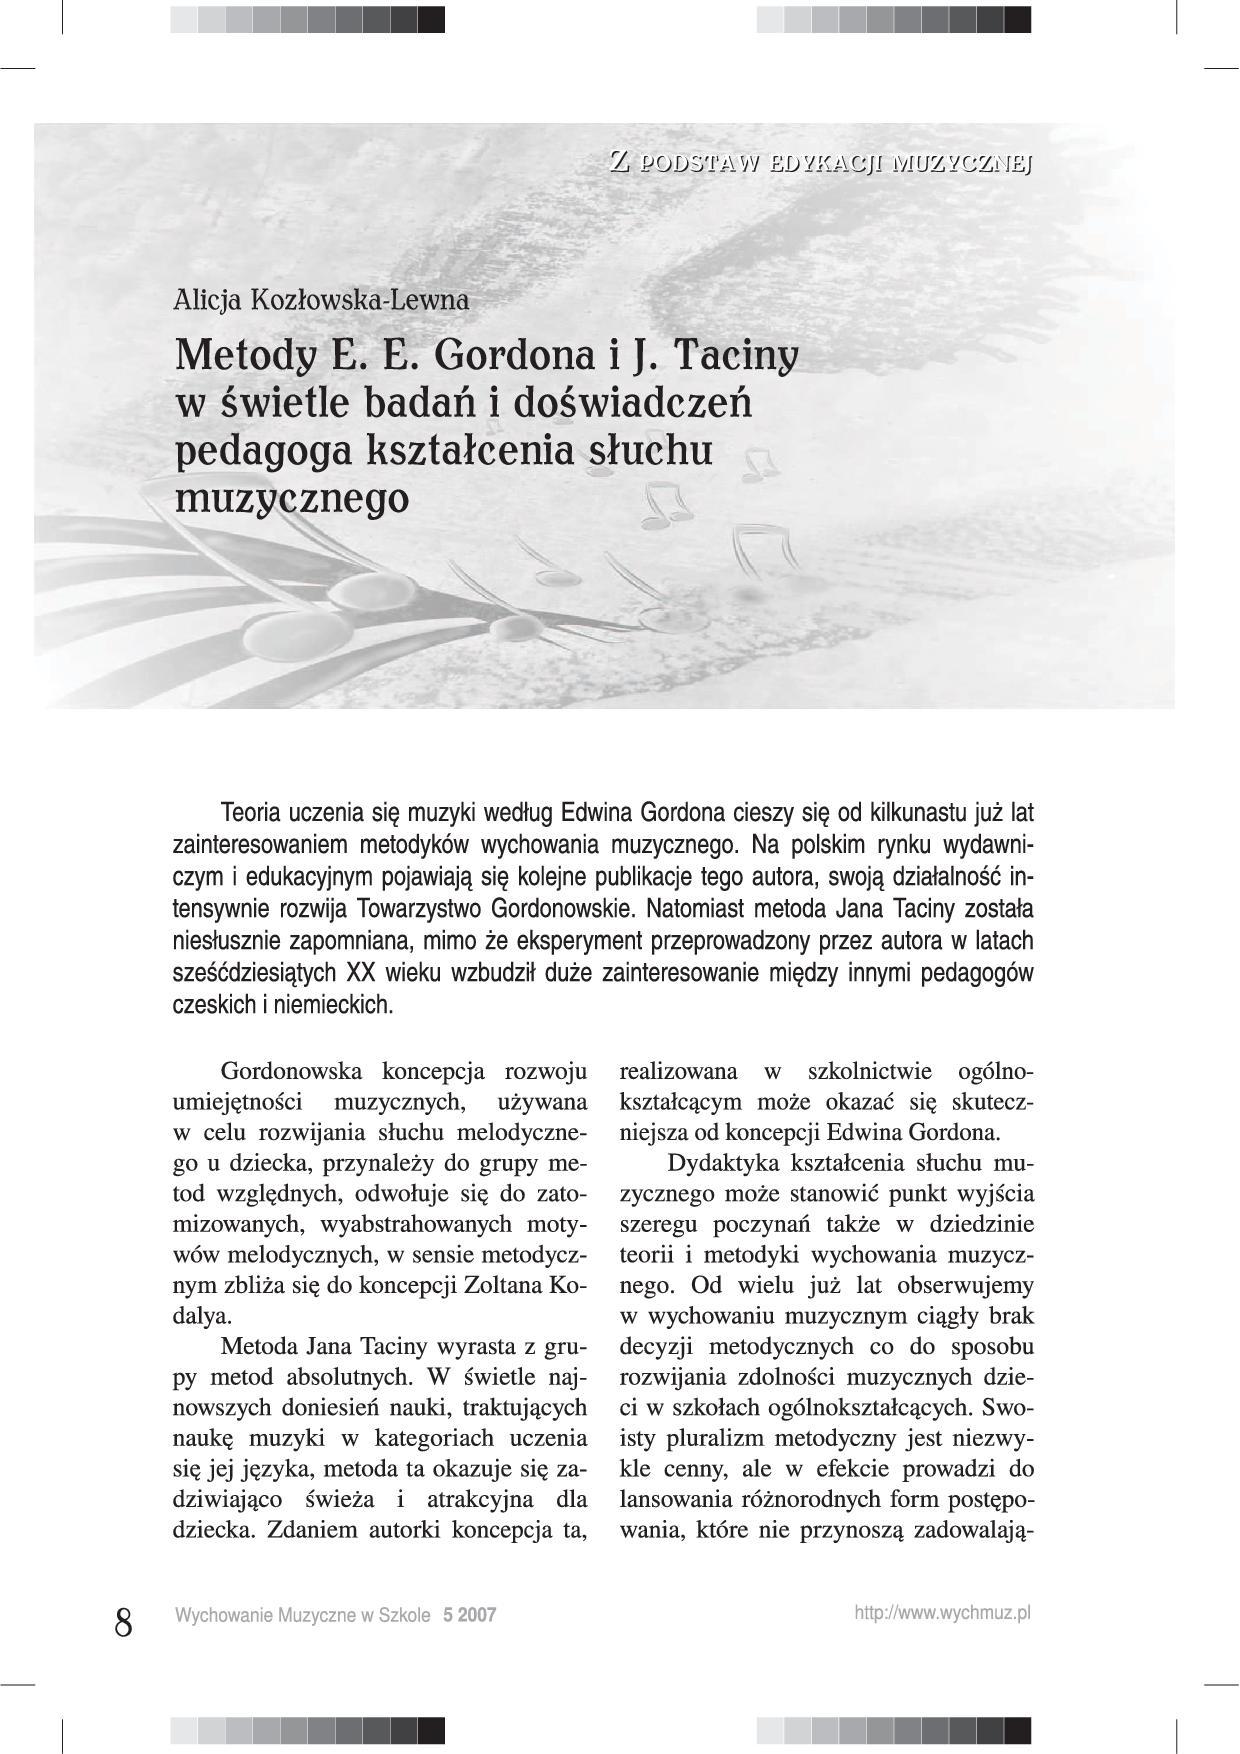 Metody E. E. Gordona J. Taciny w świetle badań i doświadczeń pedagoga kształcenia słuchu muzycznego